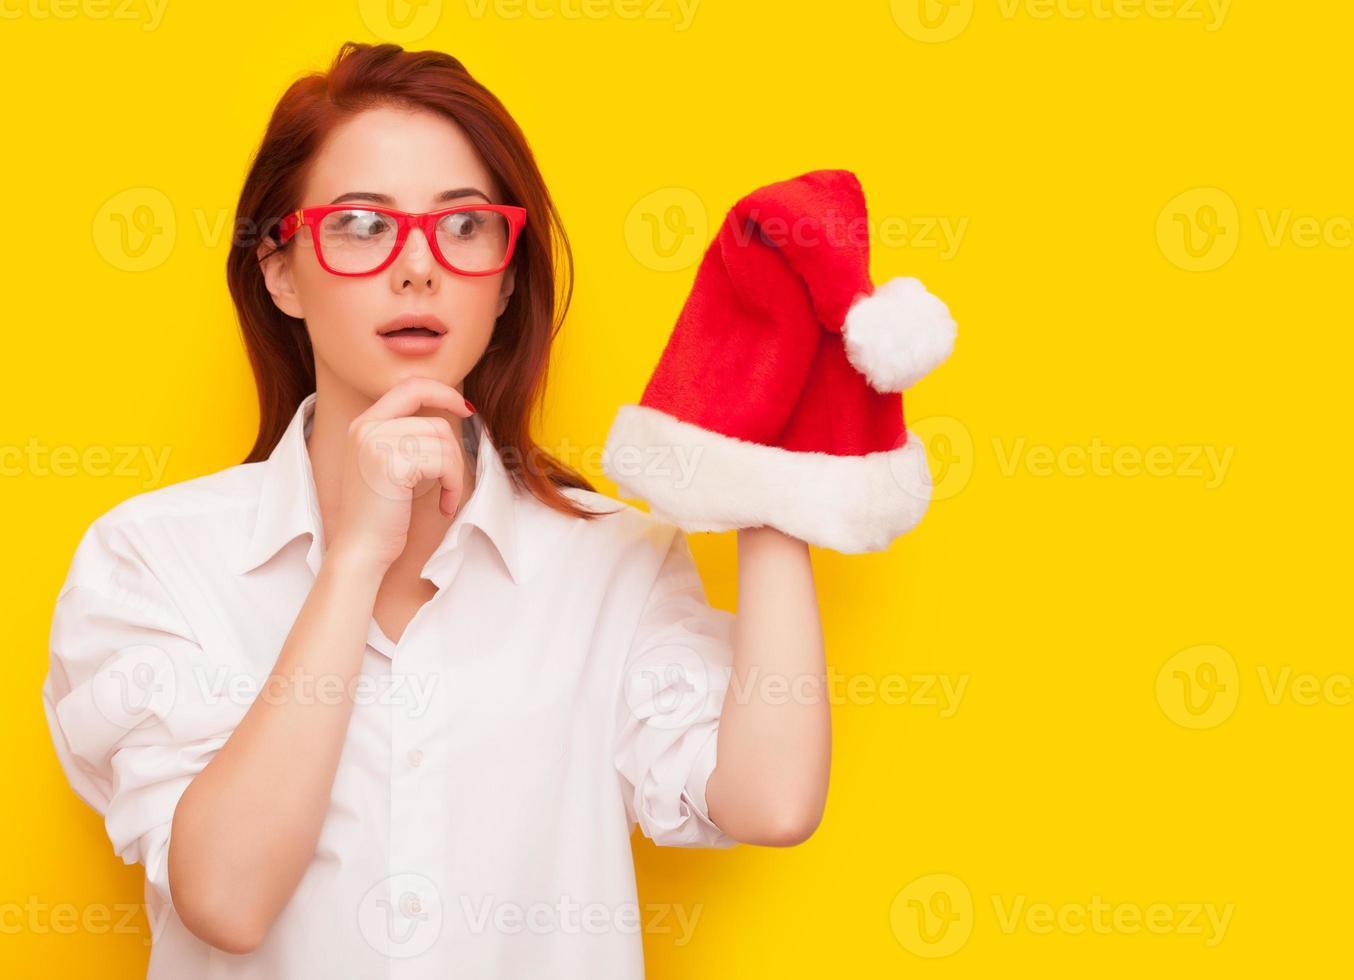 mujer con sombrero de santa claus foto